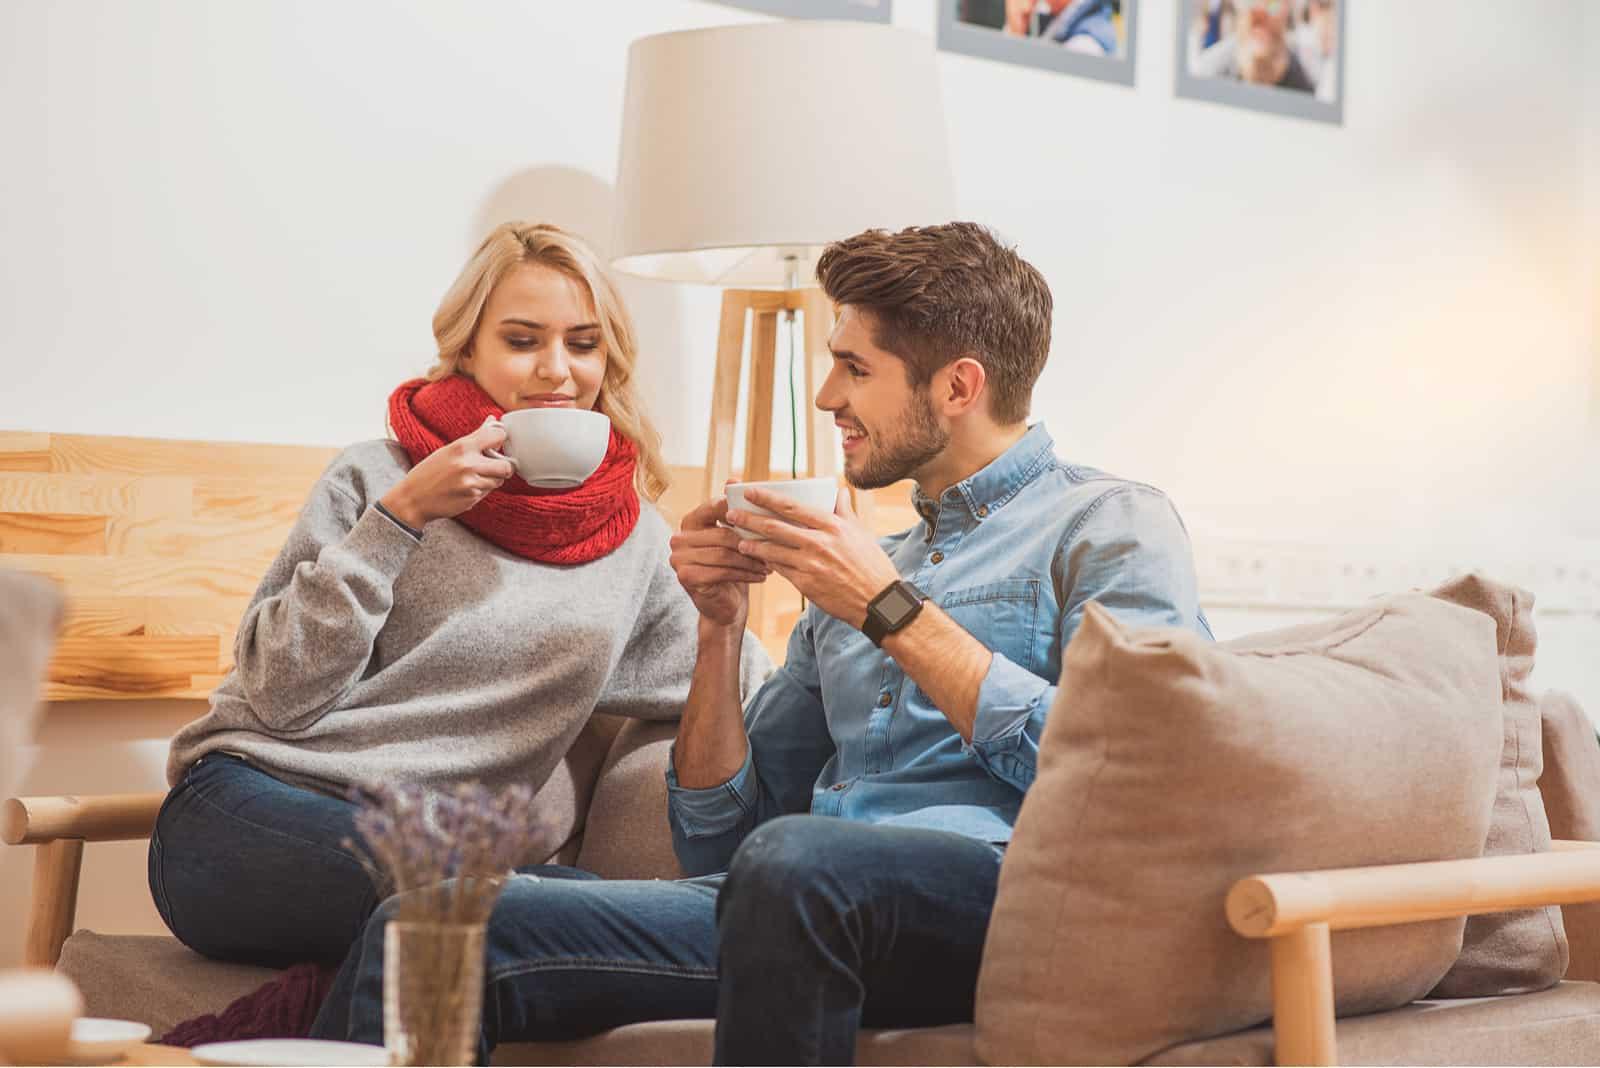 un homme et une femme s'assoient et boivent du café et rient